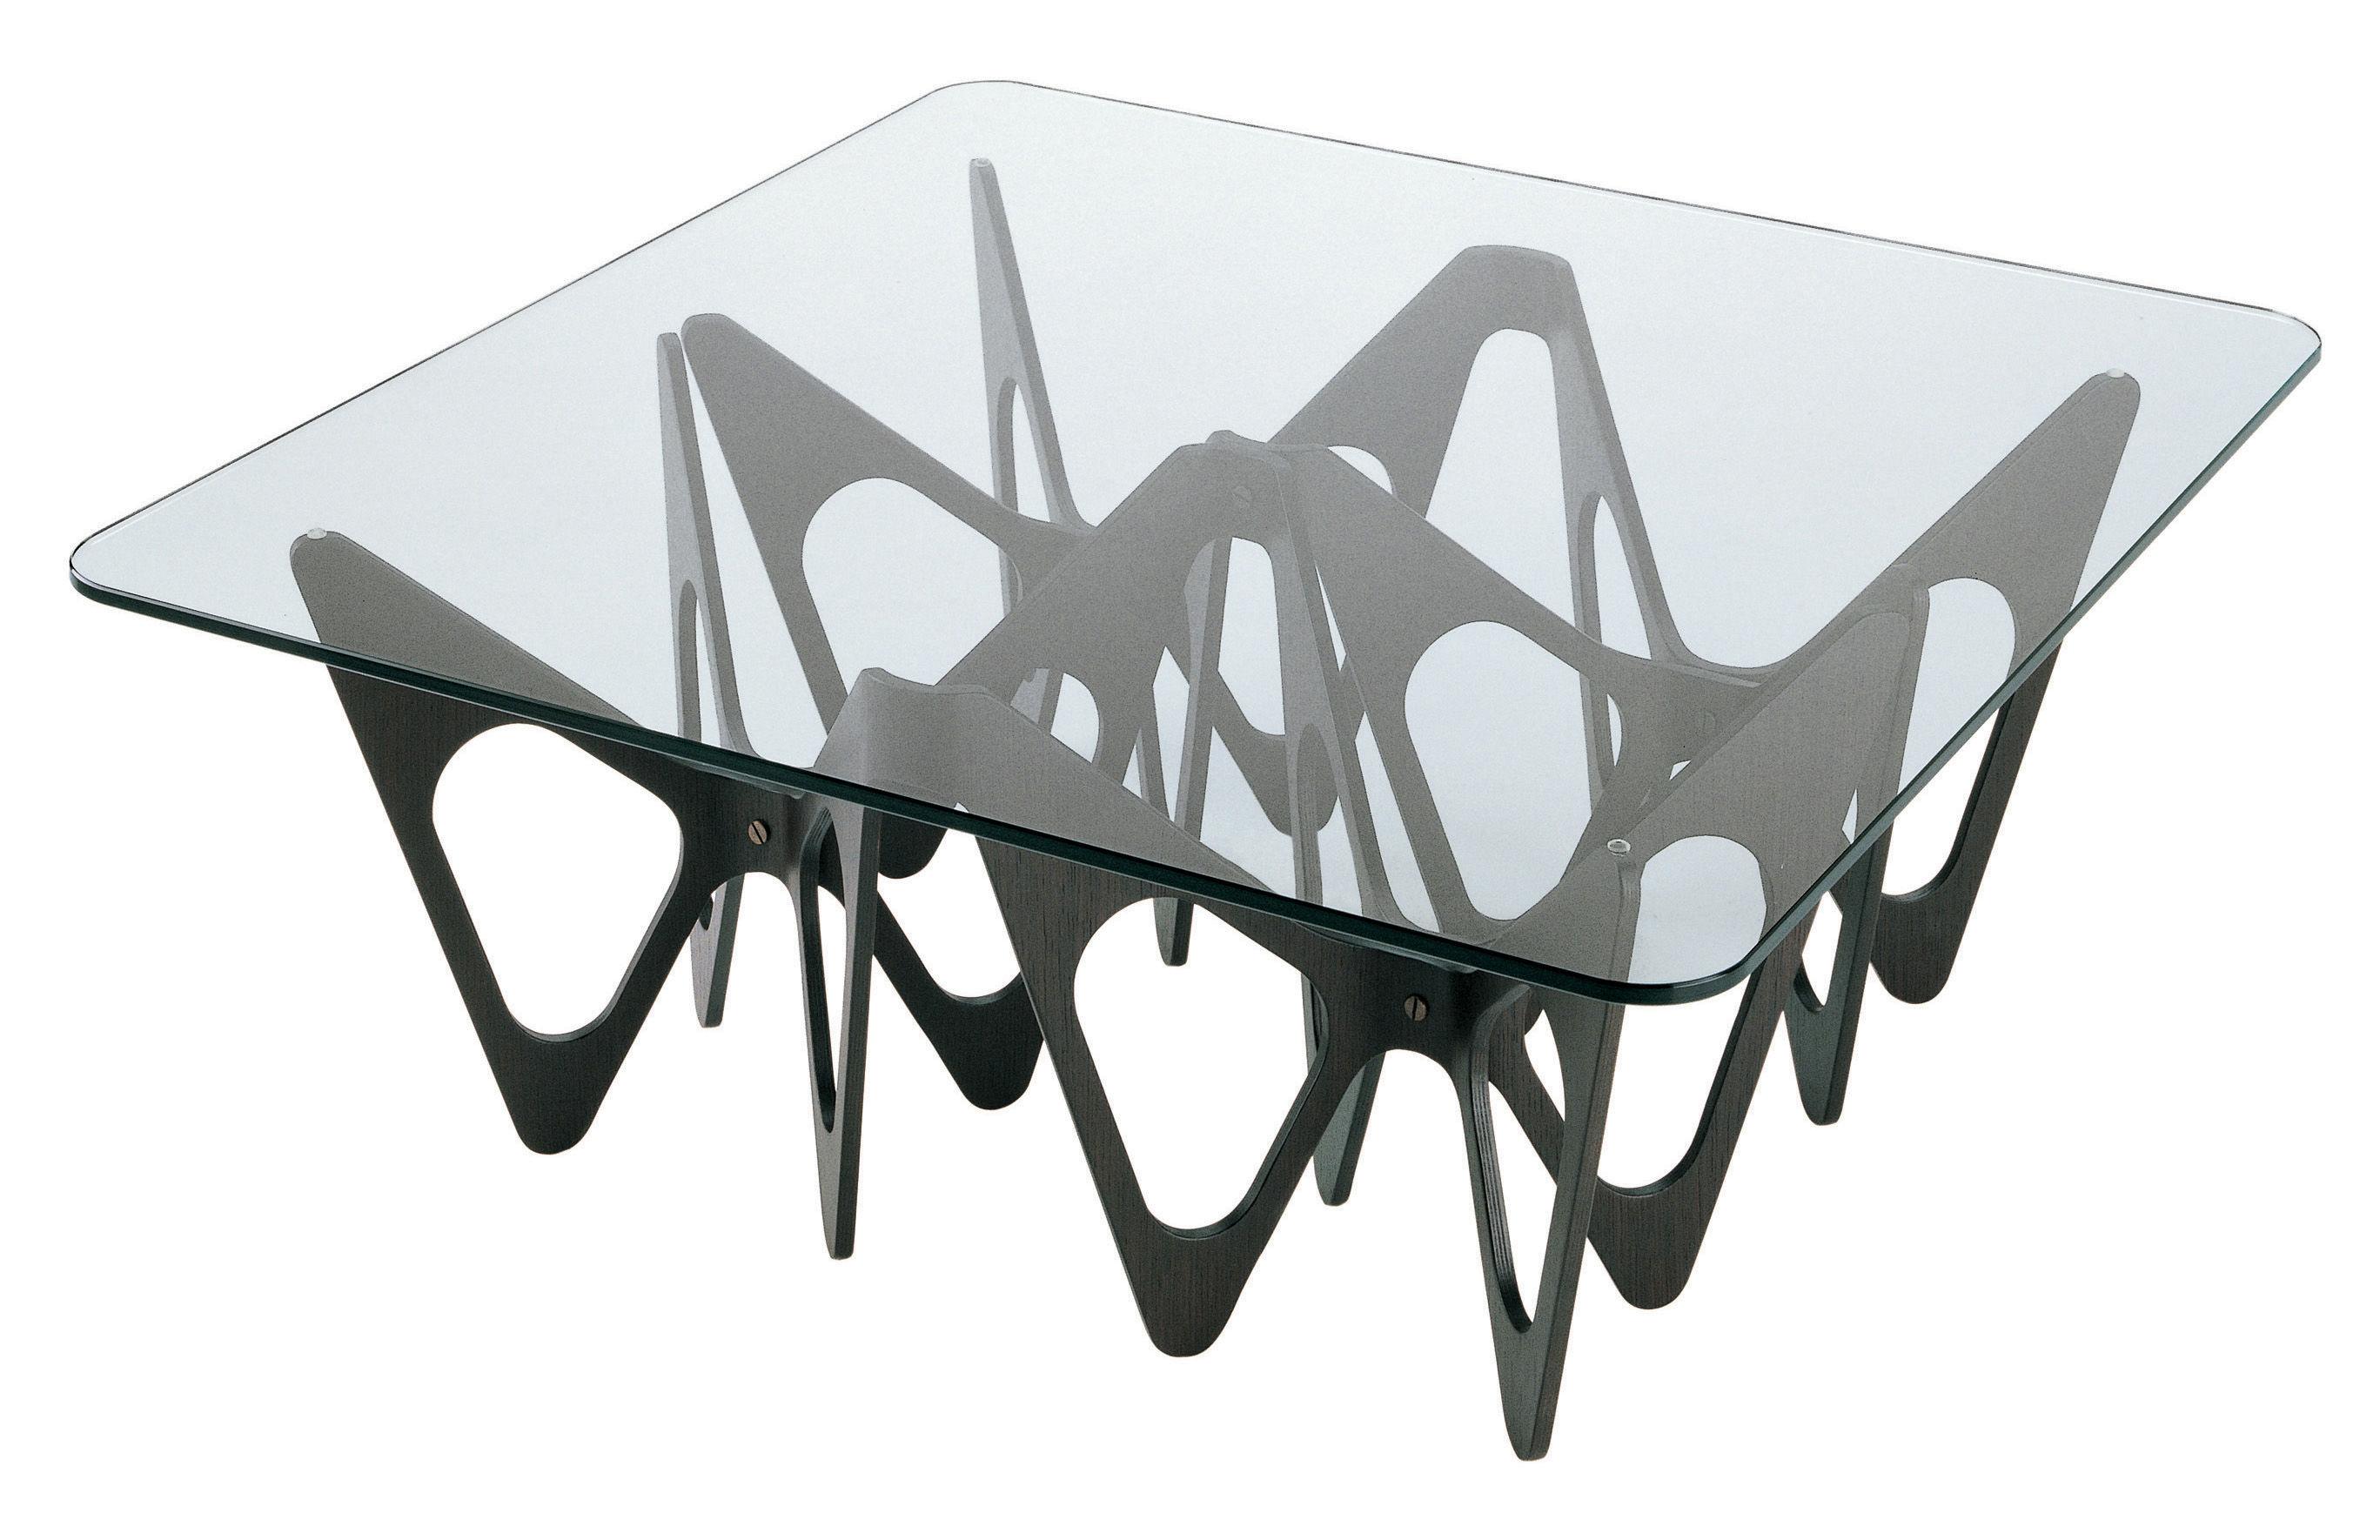 Möbel - Couchtische - Butterfly Couchtisch quadratisch - Zanotta - Gestell: schwarz - getöntes Traubeneichen-Furnier, Glas